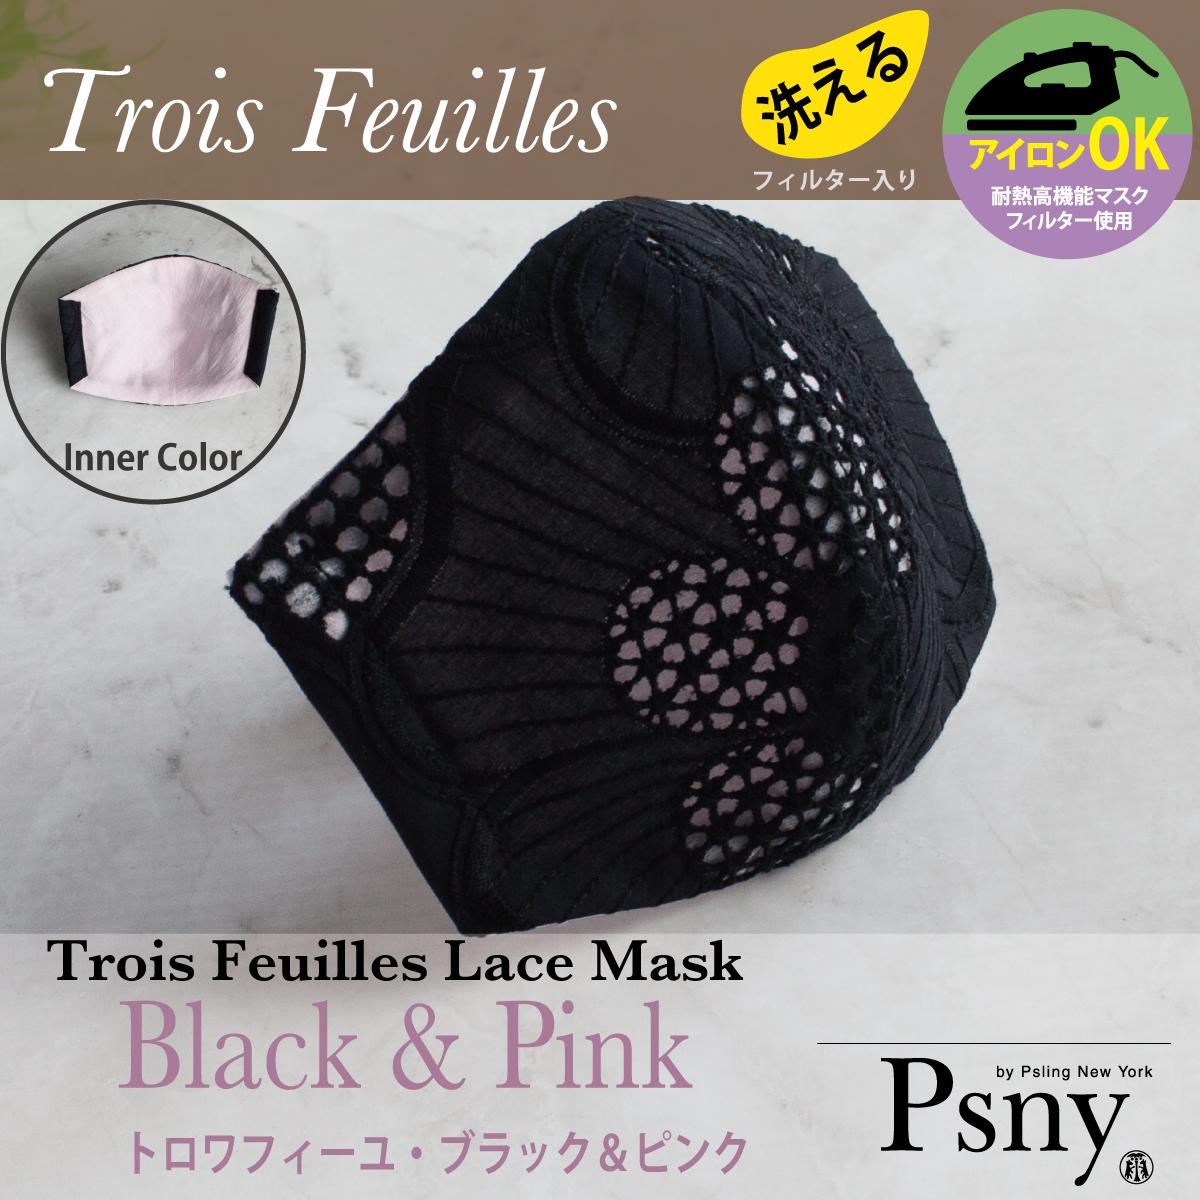 トロワフィーユ・レース・ブラック&ピンク 花粉 黄砂 洗えるフィルター入り 立体 マスク 大人用